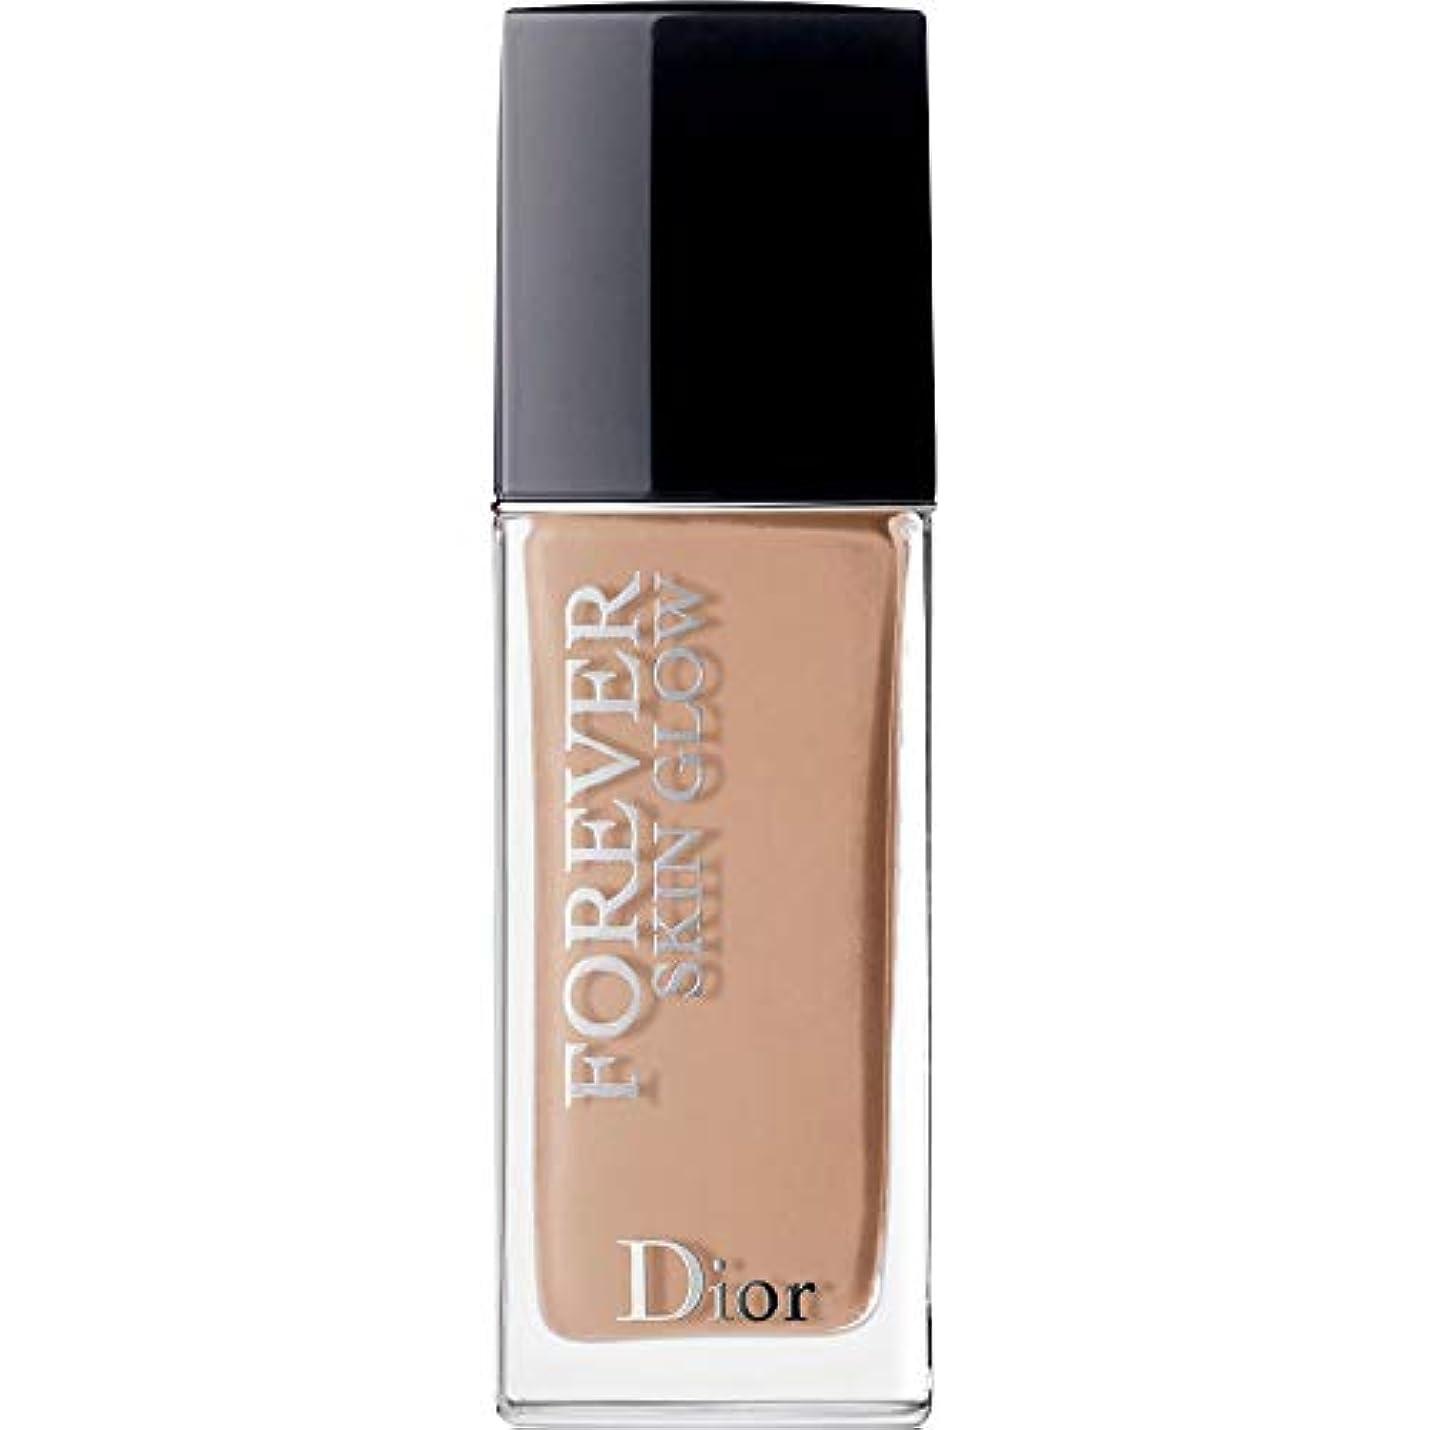 不機嫌小学生ポーチ[Dior ] ディオール永遠に皮膚グロー皮膚思いやりの基礎Spf35 30ミリリットル4Cを - クール(肌の輝き) - DIOR Forever Skin Glow Skin-Caring Foundation SPF35...